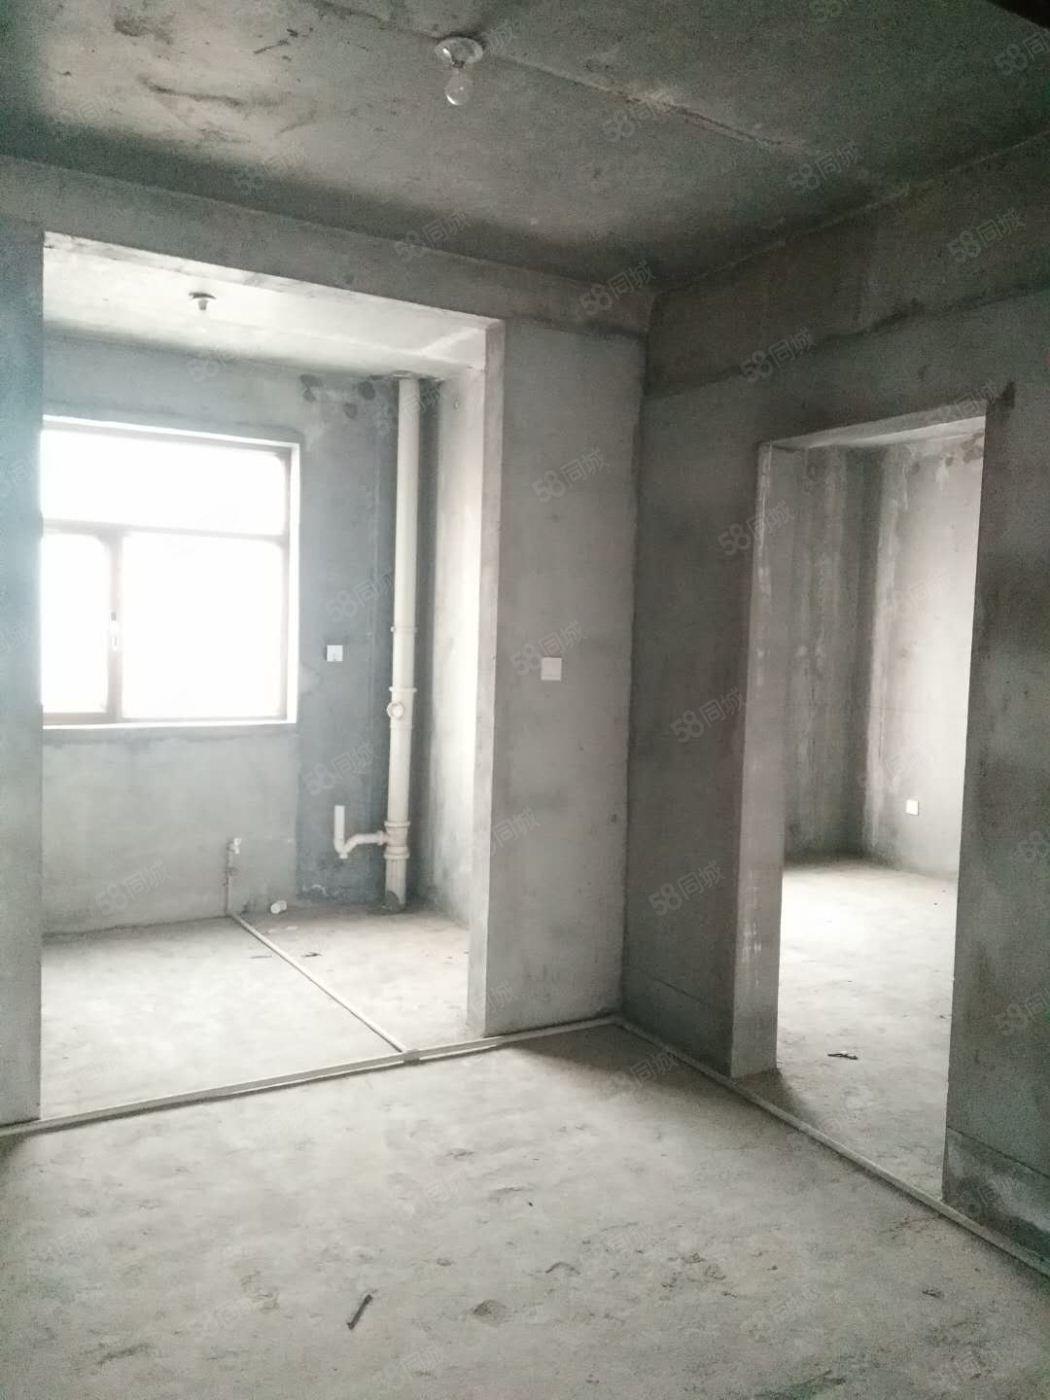 毛条路东口瑞沣苑电梯两室毛坯新房出售!